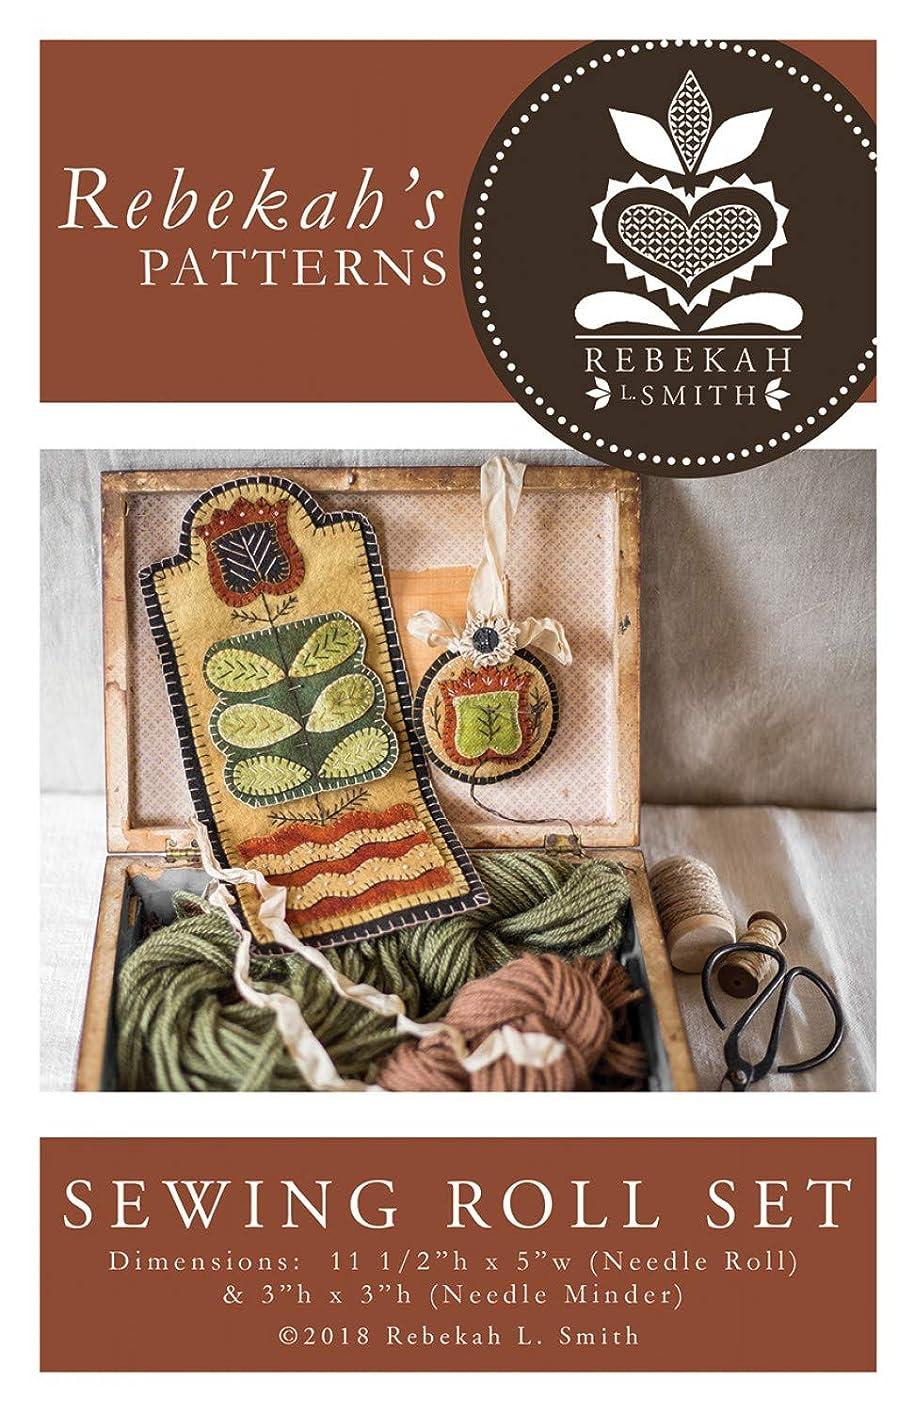 Rebekah L Smith RLS5154 Sewing Roll Set Pattern